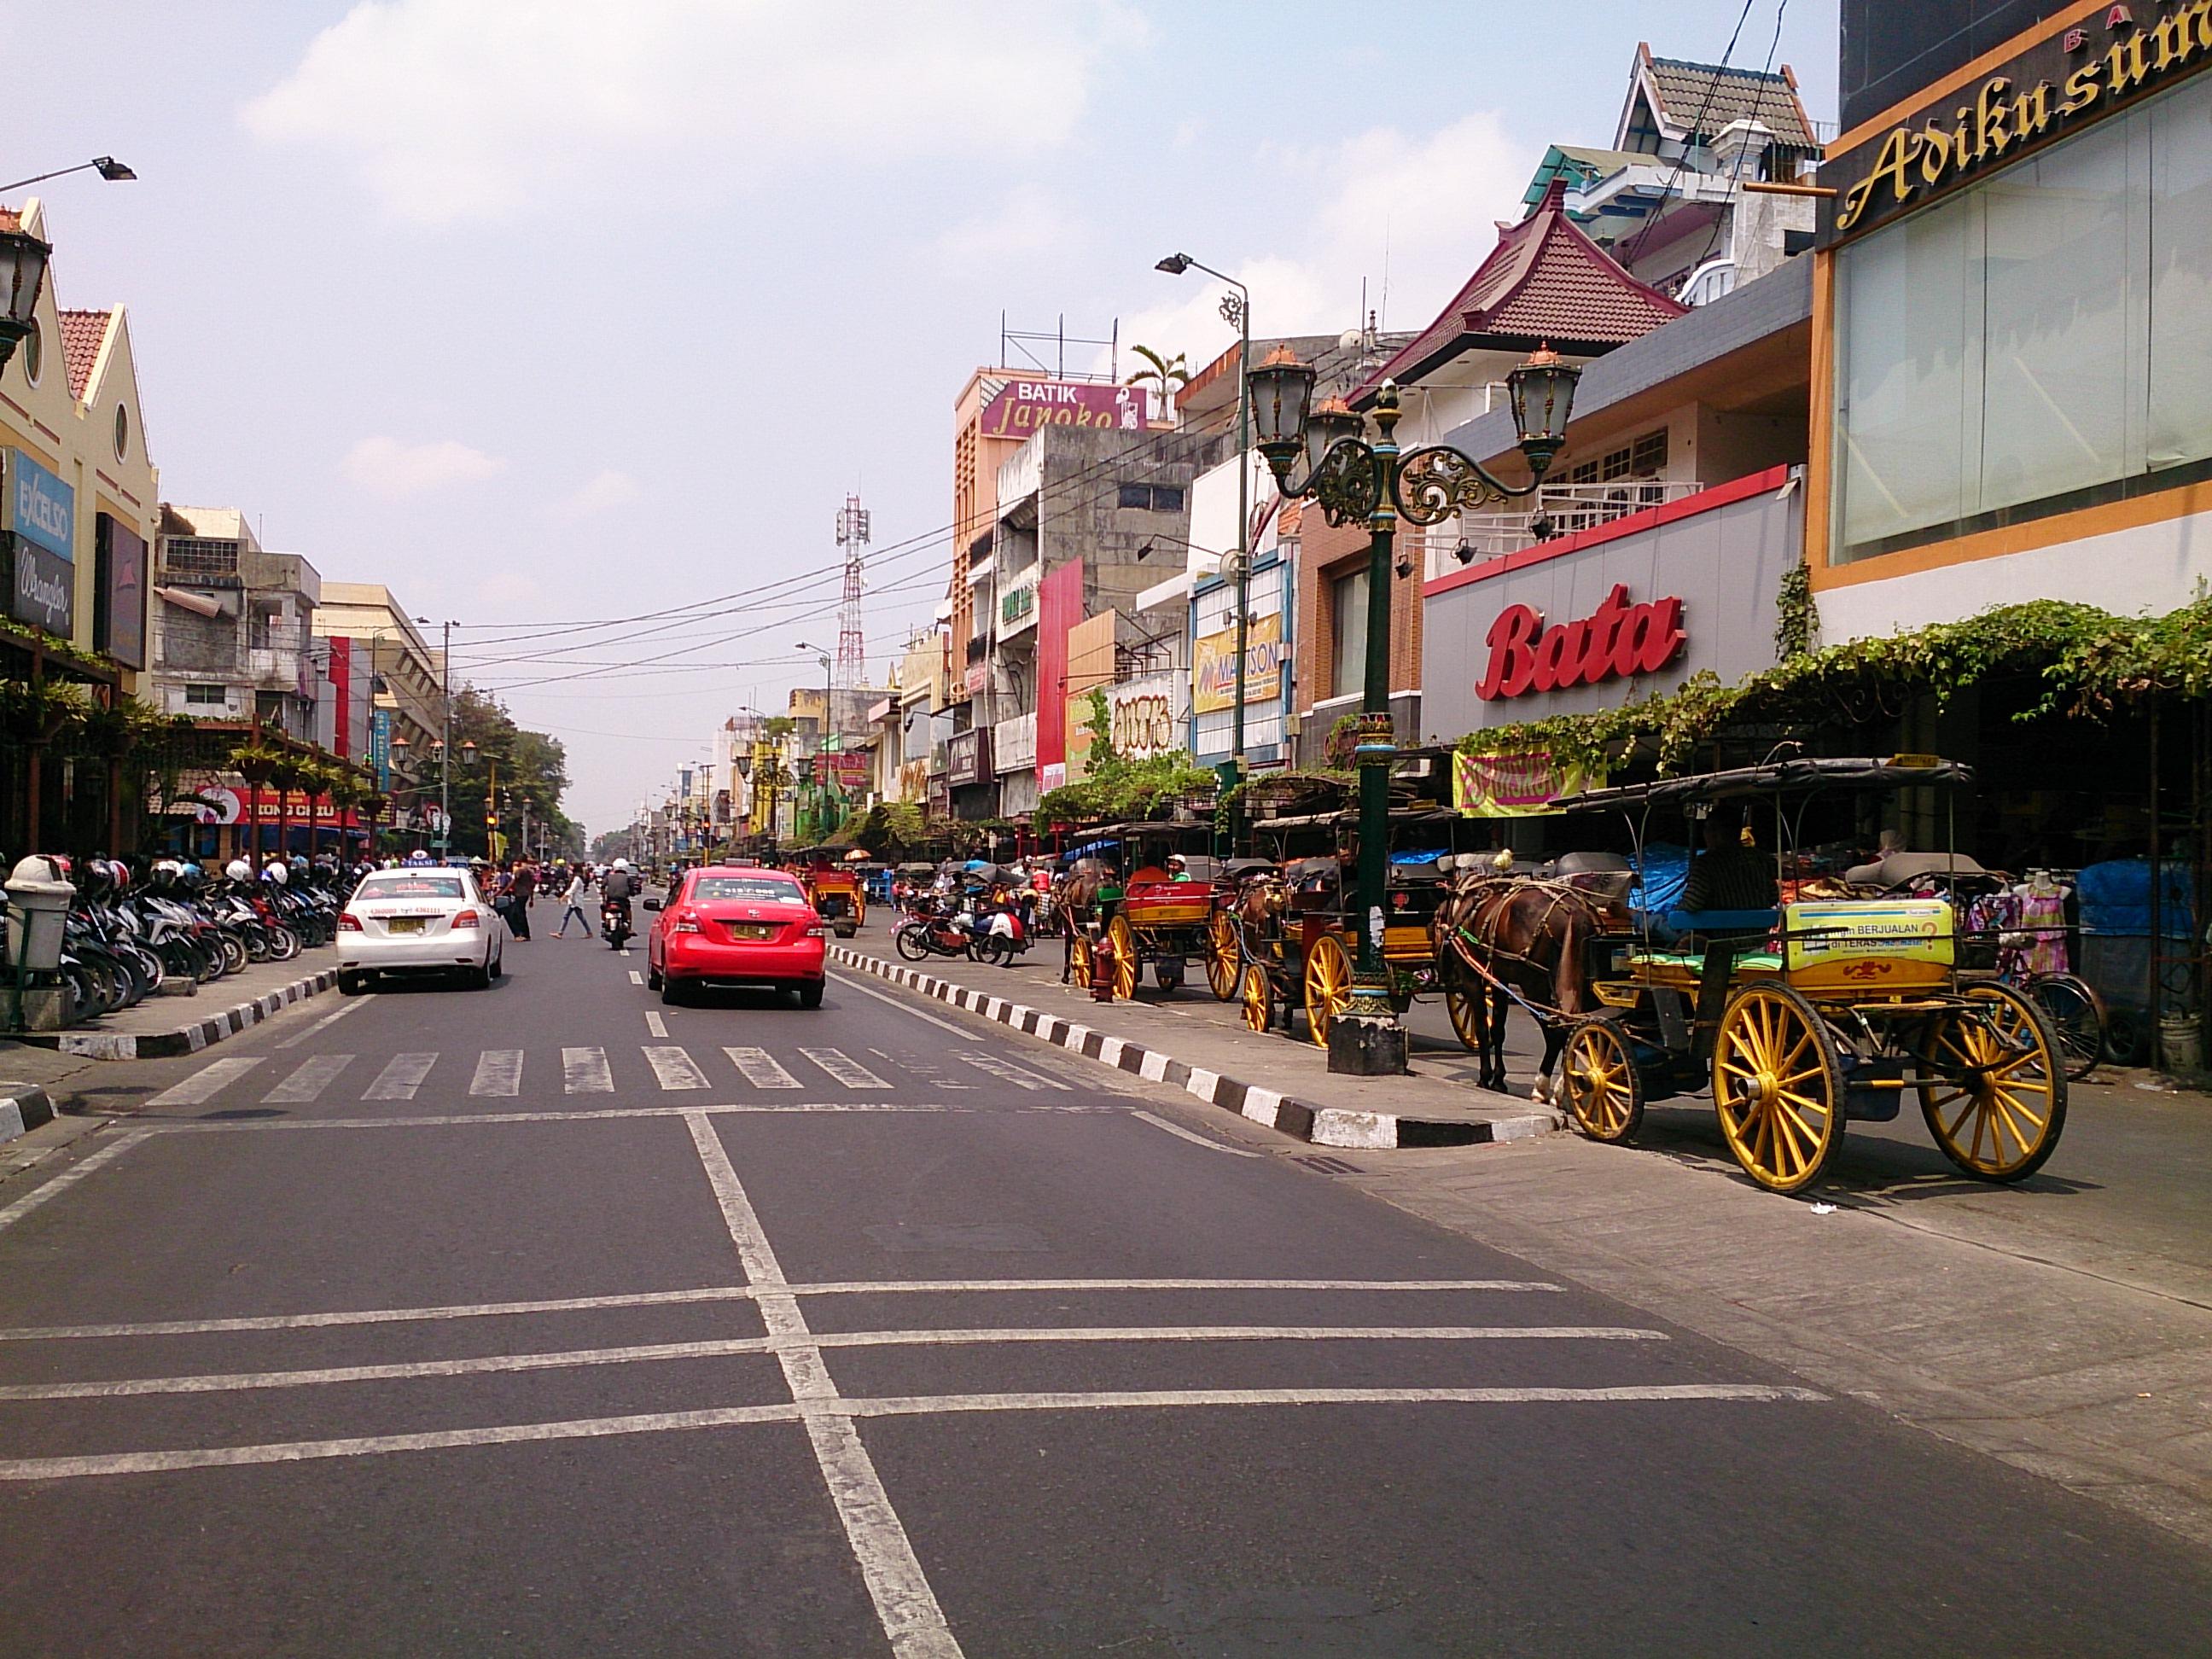 マリオボロ通りとジョグジャカルタ一の人気土産物店・ミロタ